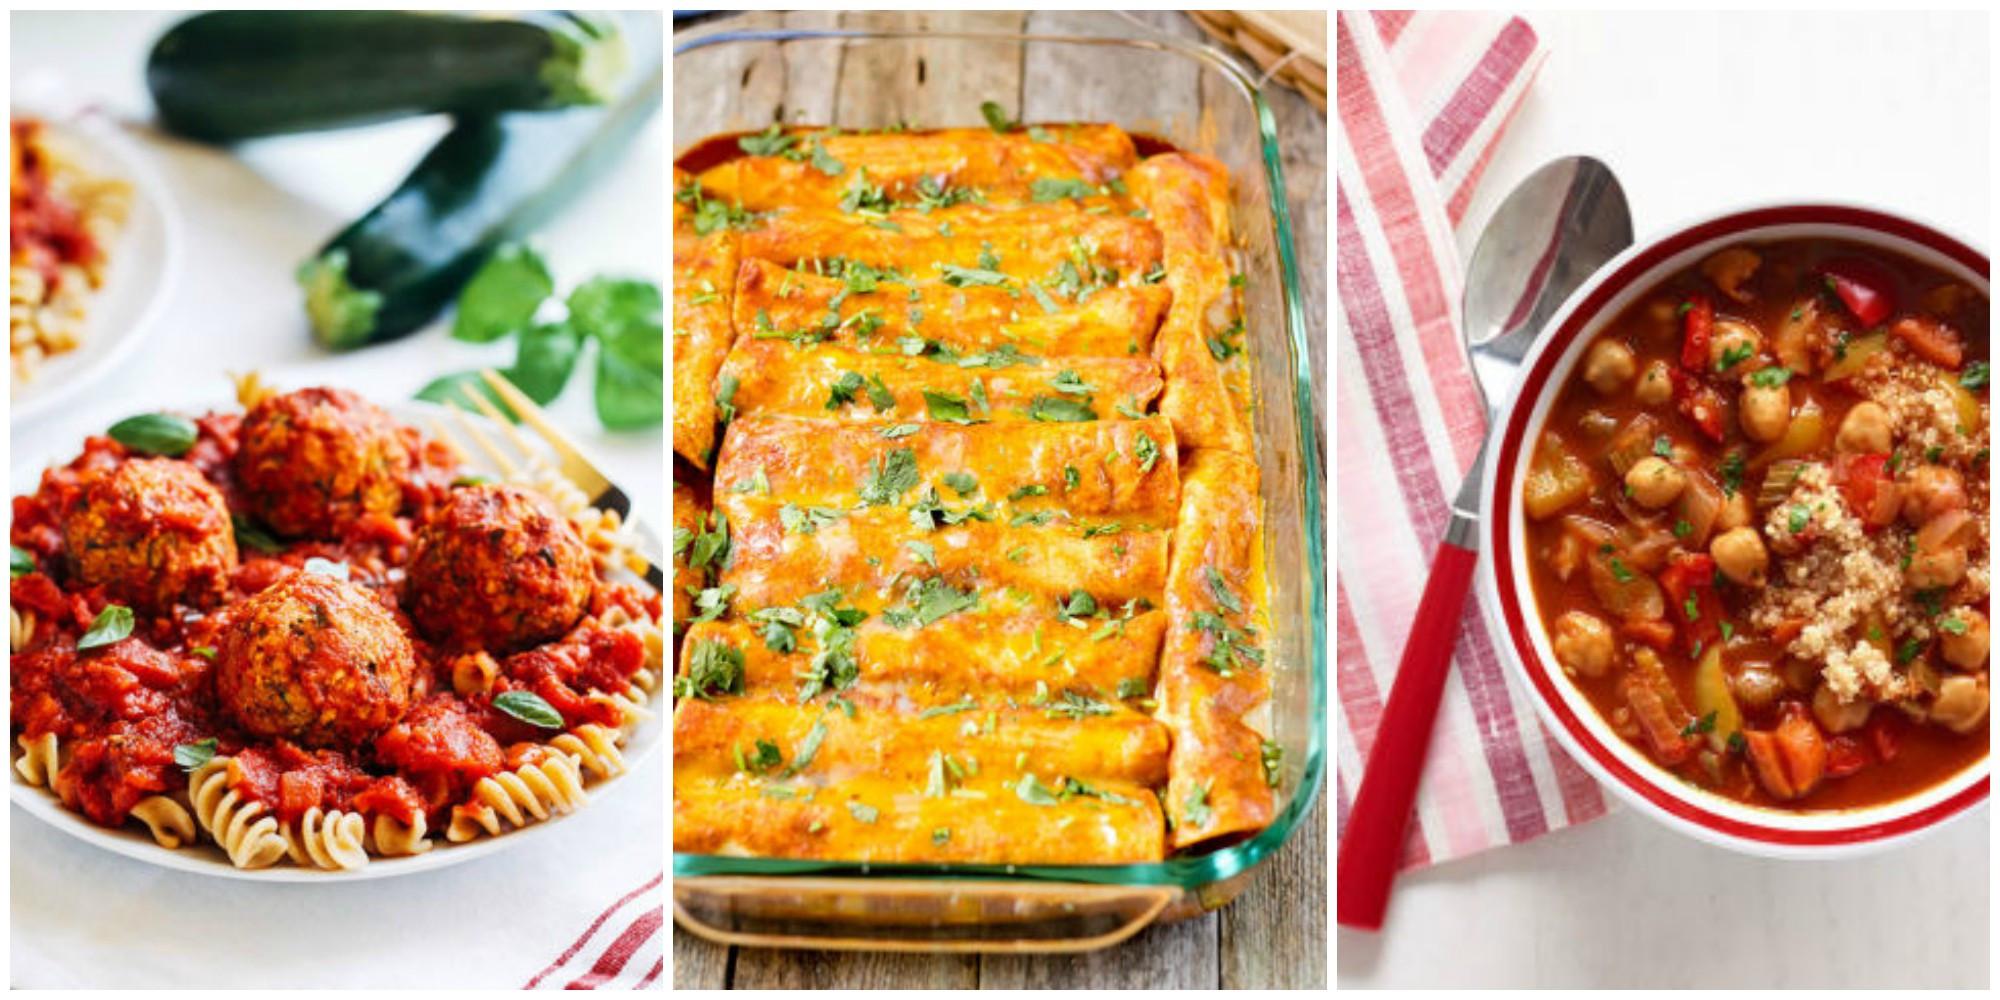 Best Vegan Dinner Recipes  10 Easy Vegan Dinner Recipes Best Vegan Meal Ideas